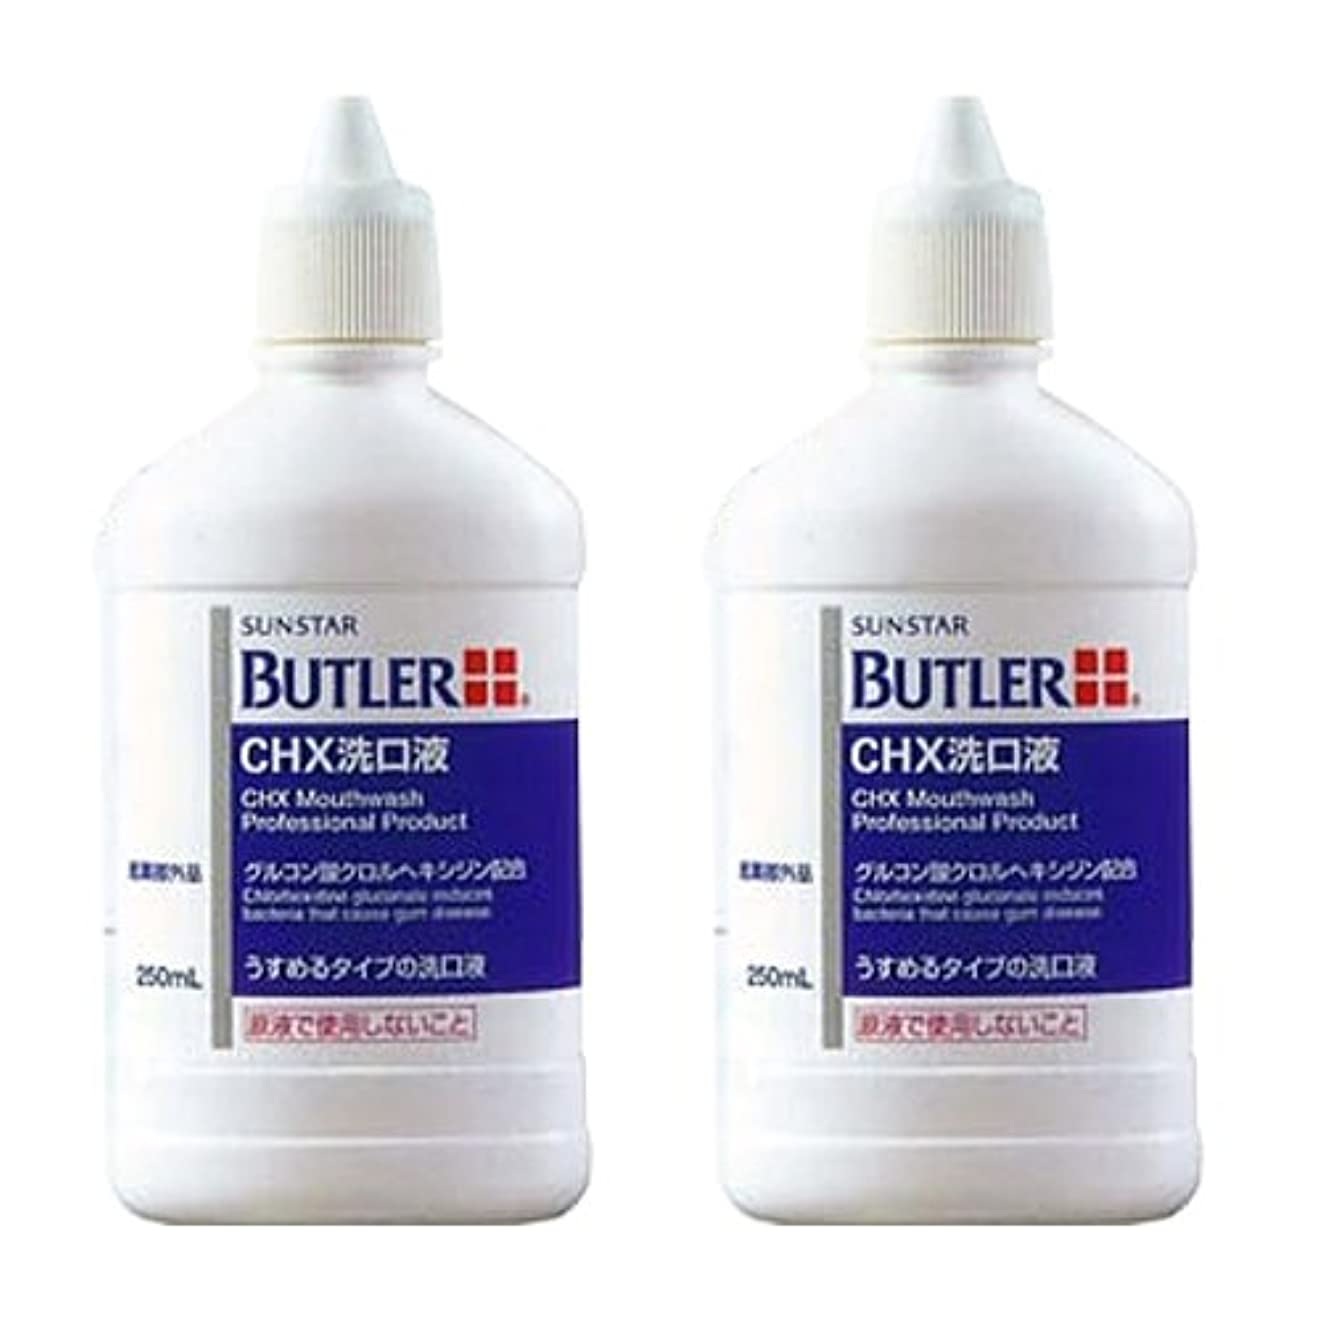 ペレット敬の念塩サンスター バトラー CHX 洗口液 250ml × 2本 医薬部外品